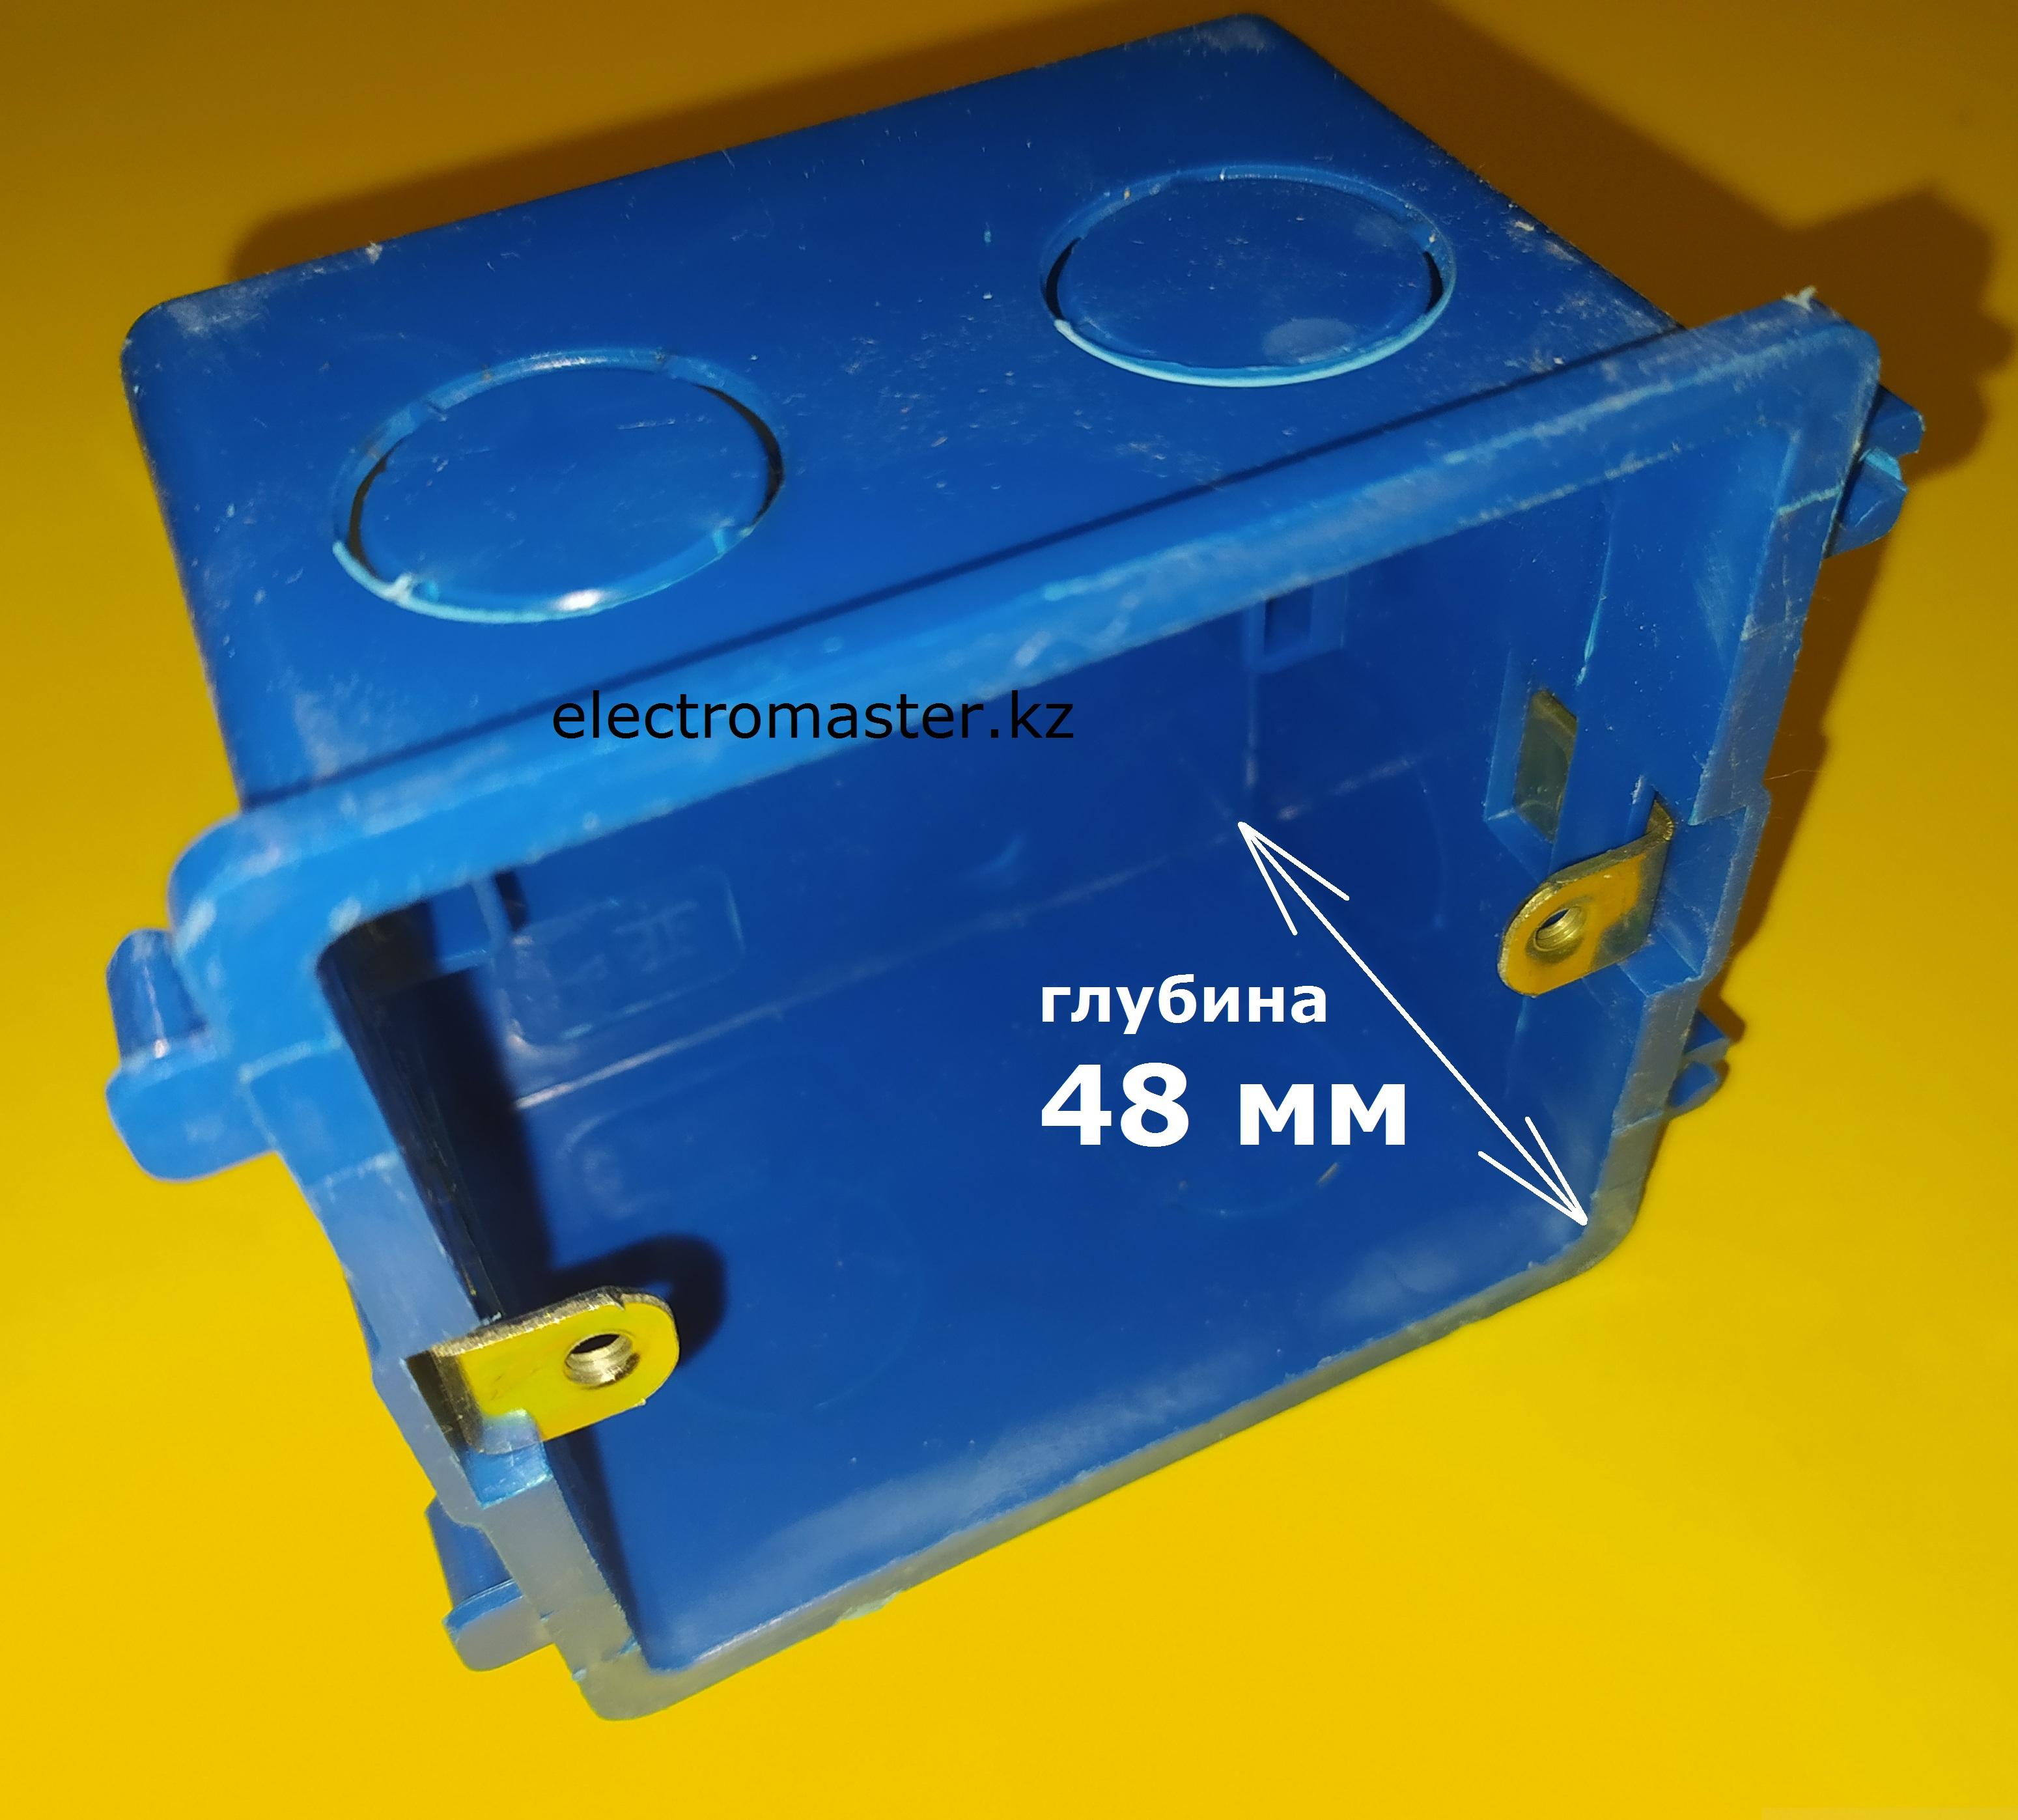 Глубина сборного квадратного подрозетника, стандарта 86х86 - 48 мм, позволяет разместить в нем любое электротехническое изделие